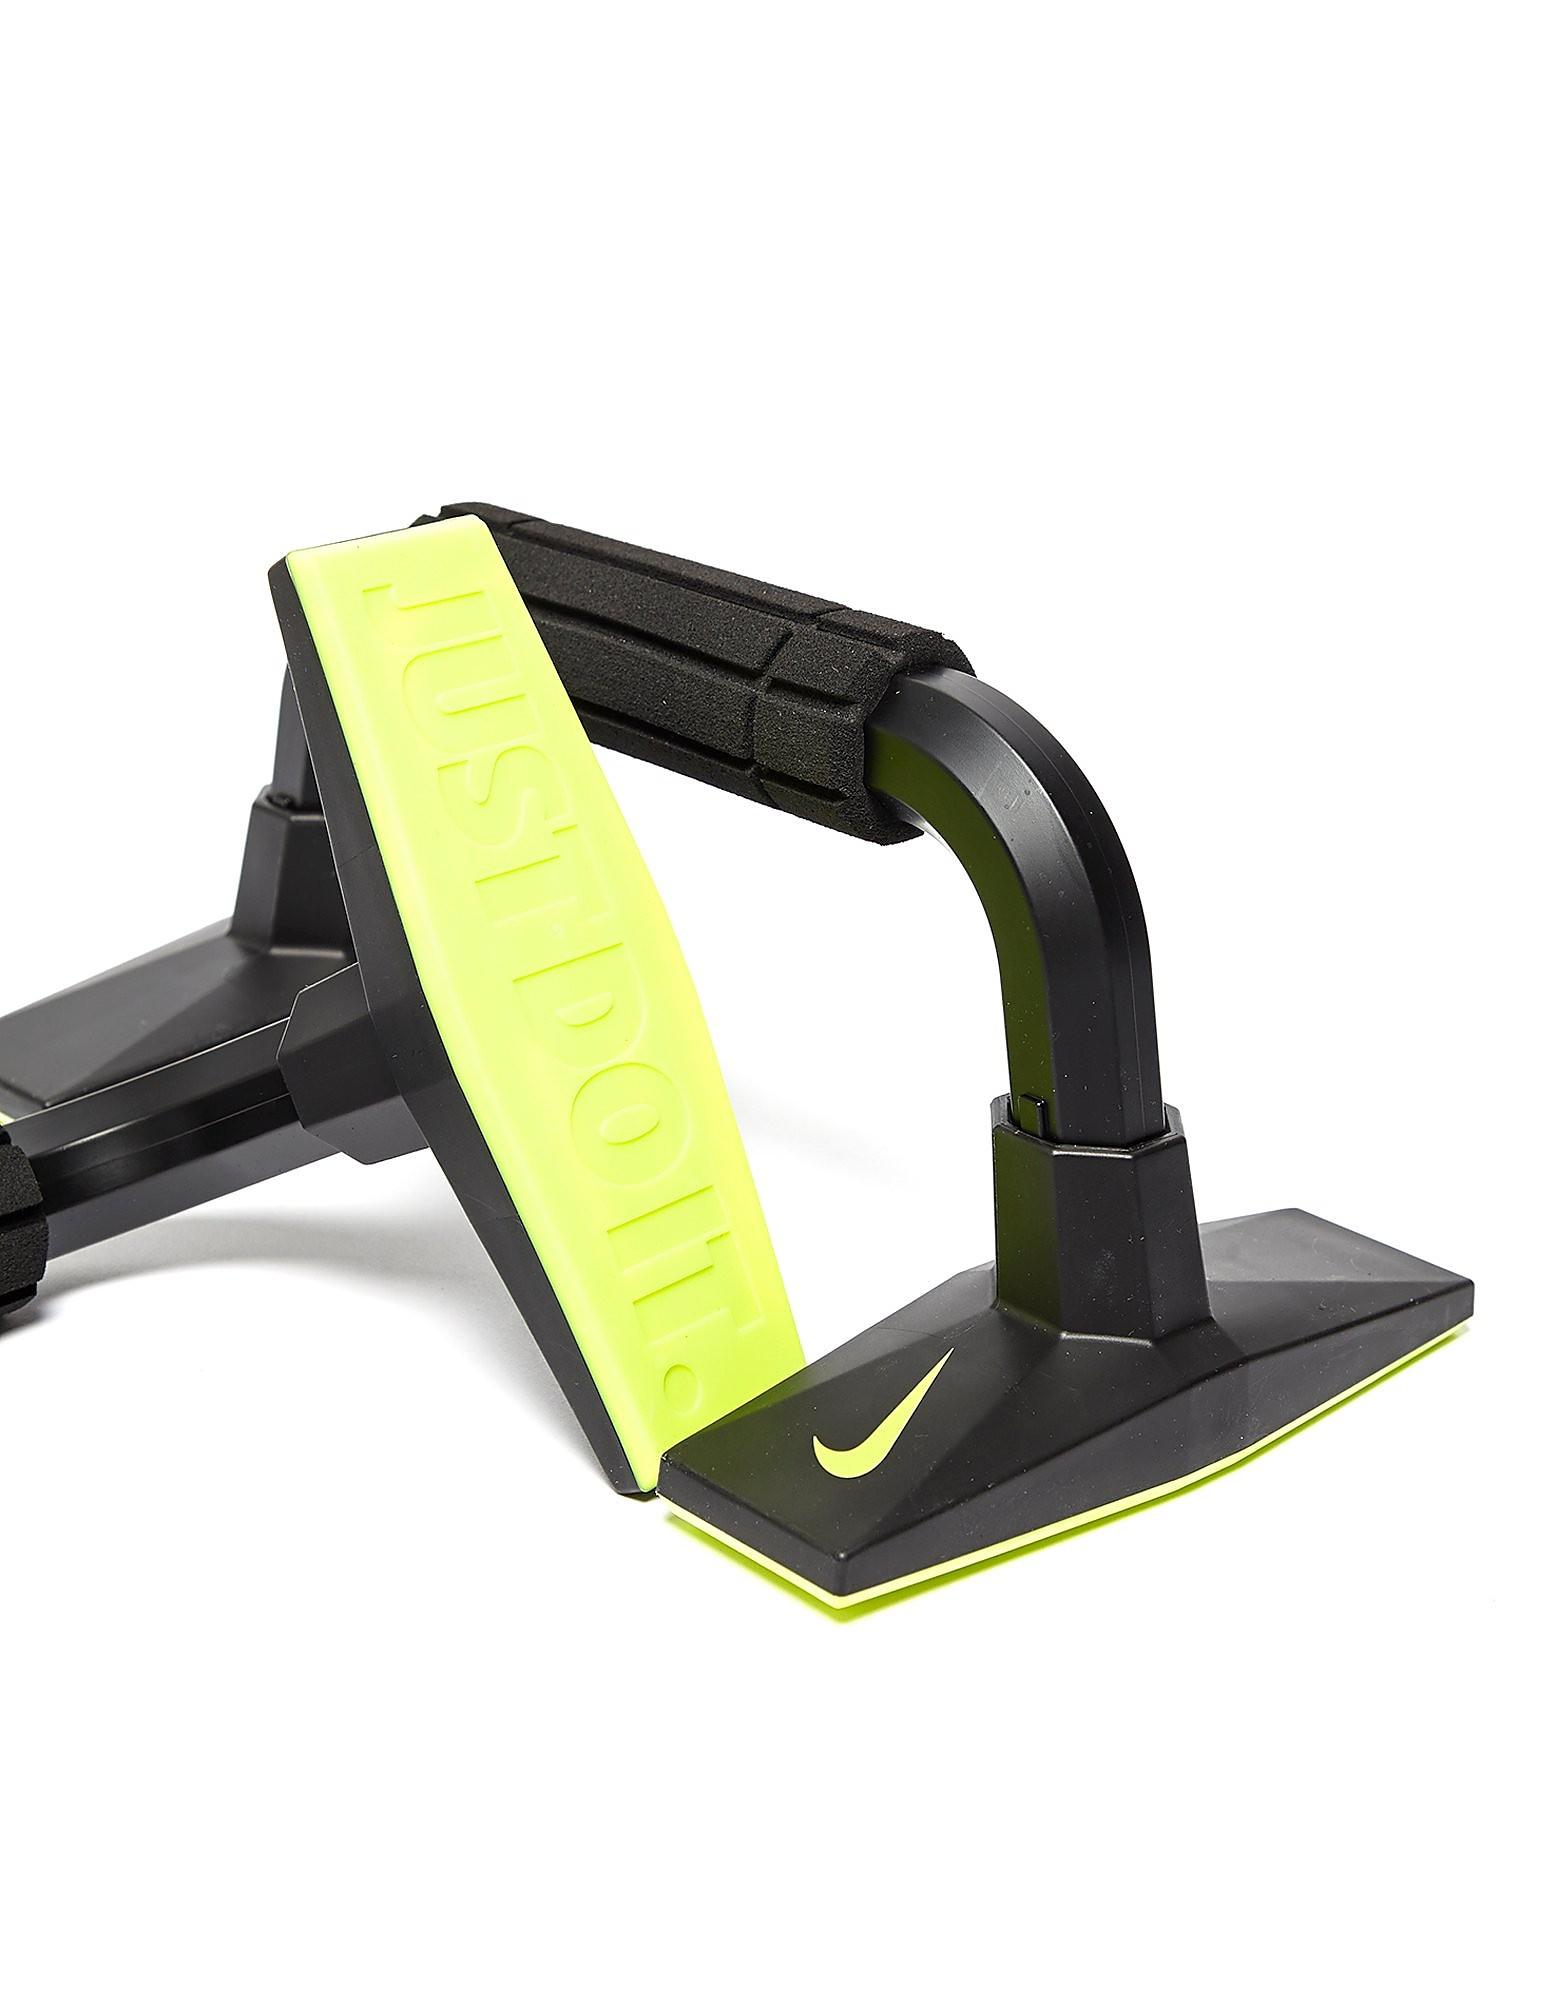 Nike Liegestütze Griffe